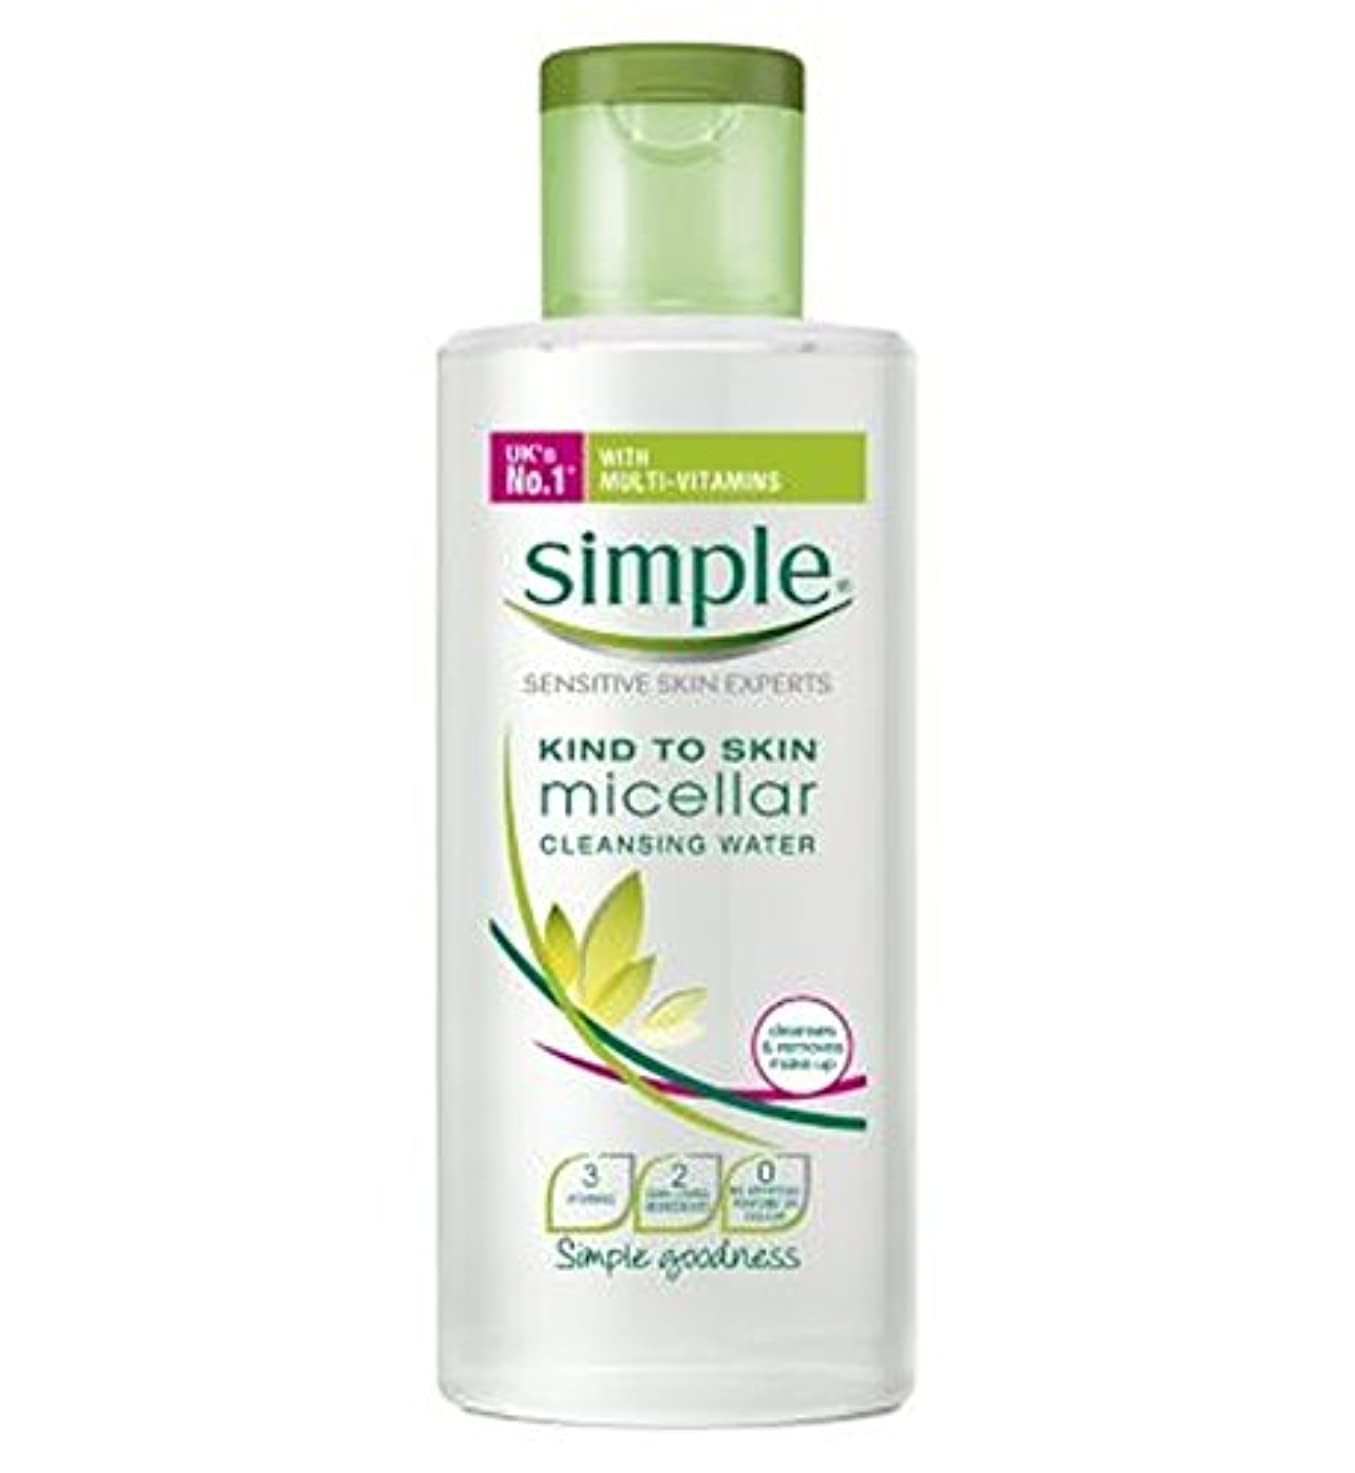 親愛な状倍率Simple Kind To Skin Micellar Cleansing Water 200ml - 皮膚ミセル洗浄水200ミリリットルに簡単な種類 (Simple) [並行輸入品]